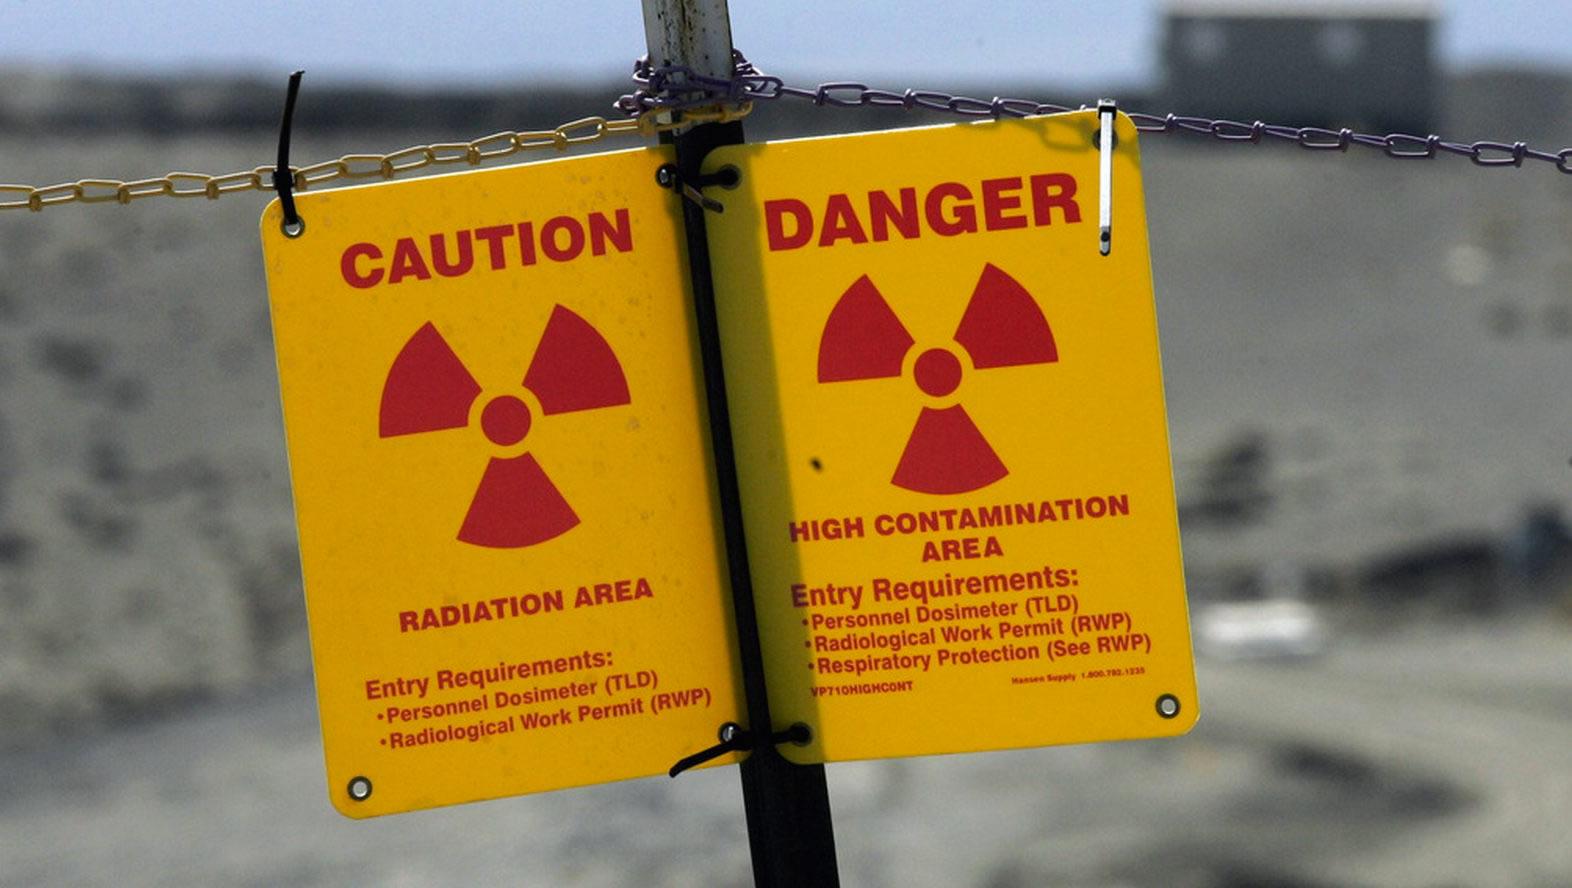 Deposito nazionale rifiuti radioattivi: al via la campagna informativa